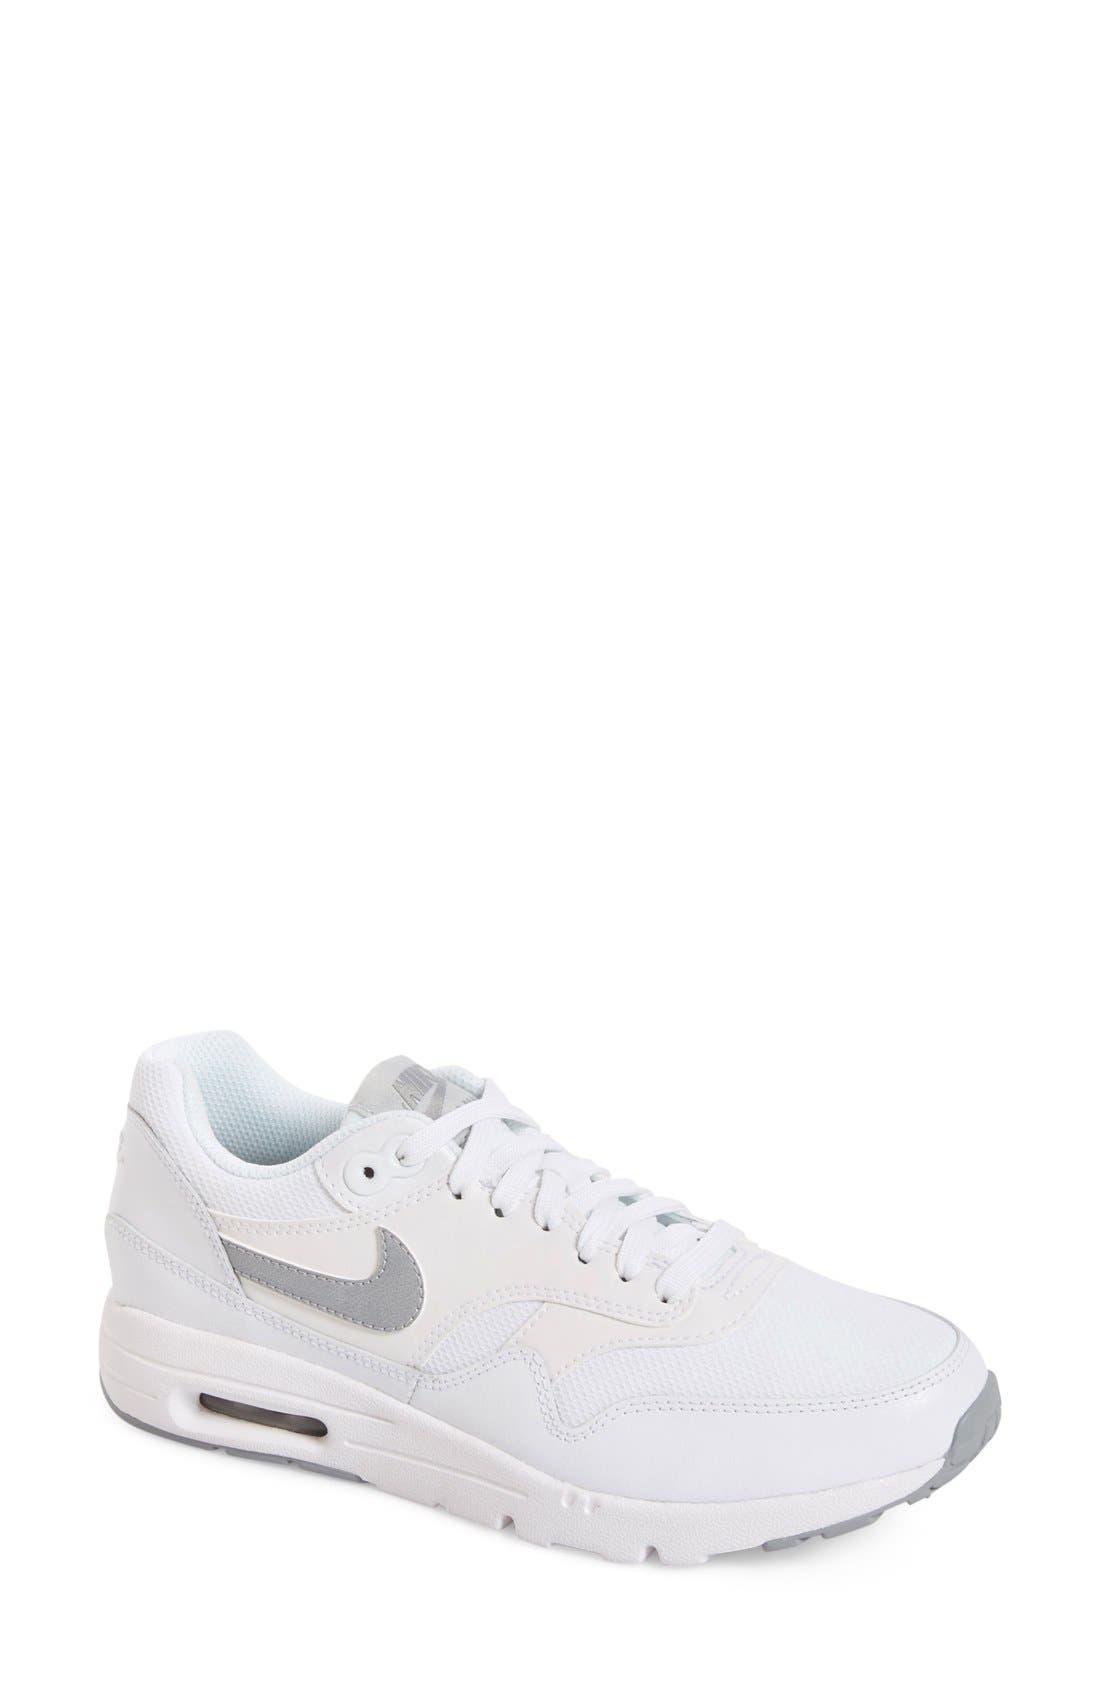 Alternate Image 1 Selected - Nike 'Air Max 1' Sneaker (Women)